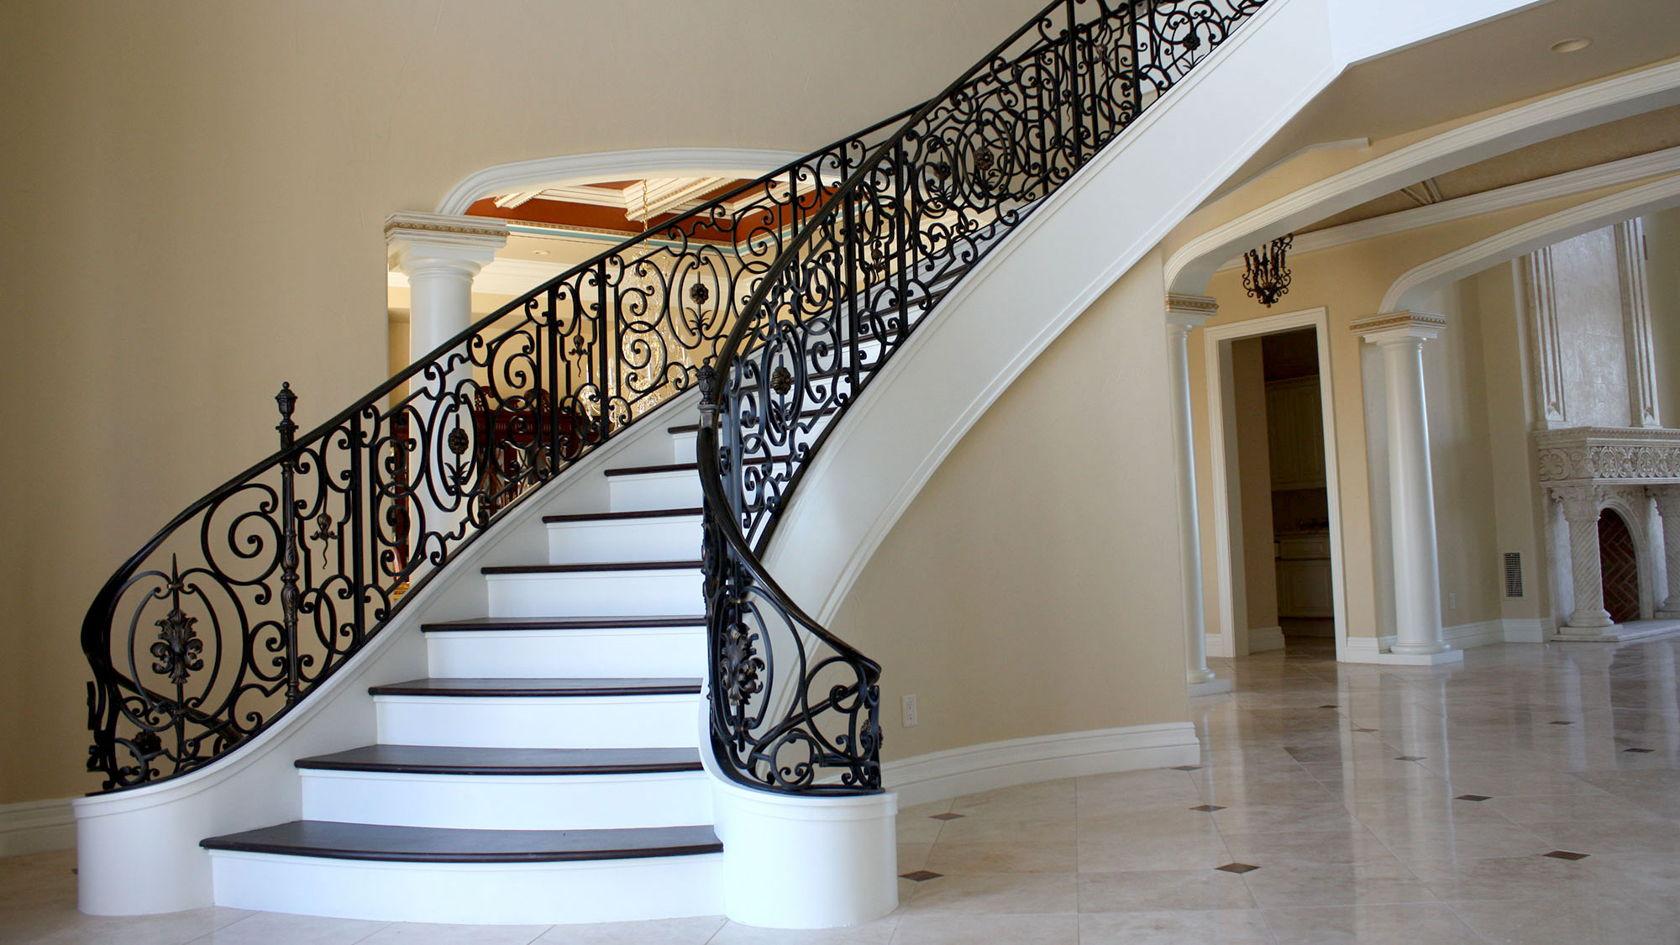 Лестница – это непростое строительное сооружение, которое должно быть максимально безопасным, надежным и долговечным